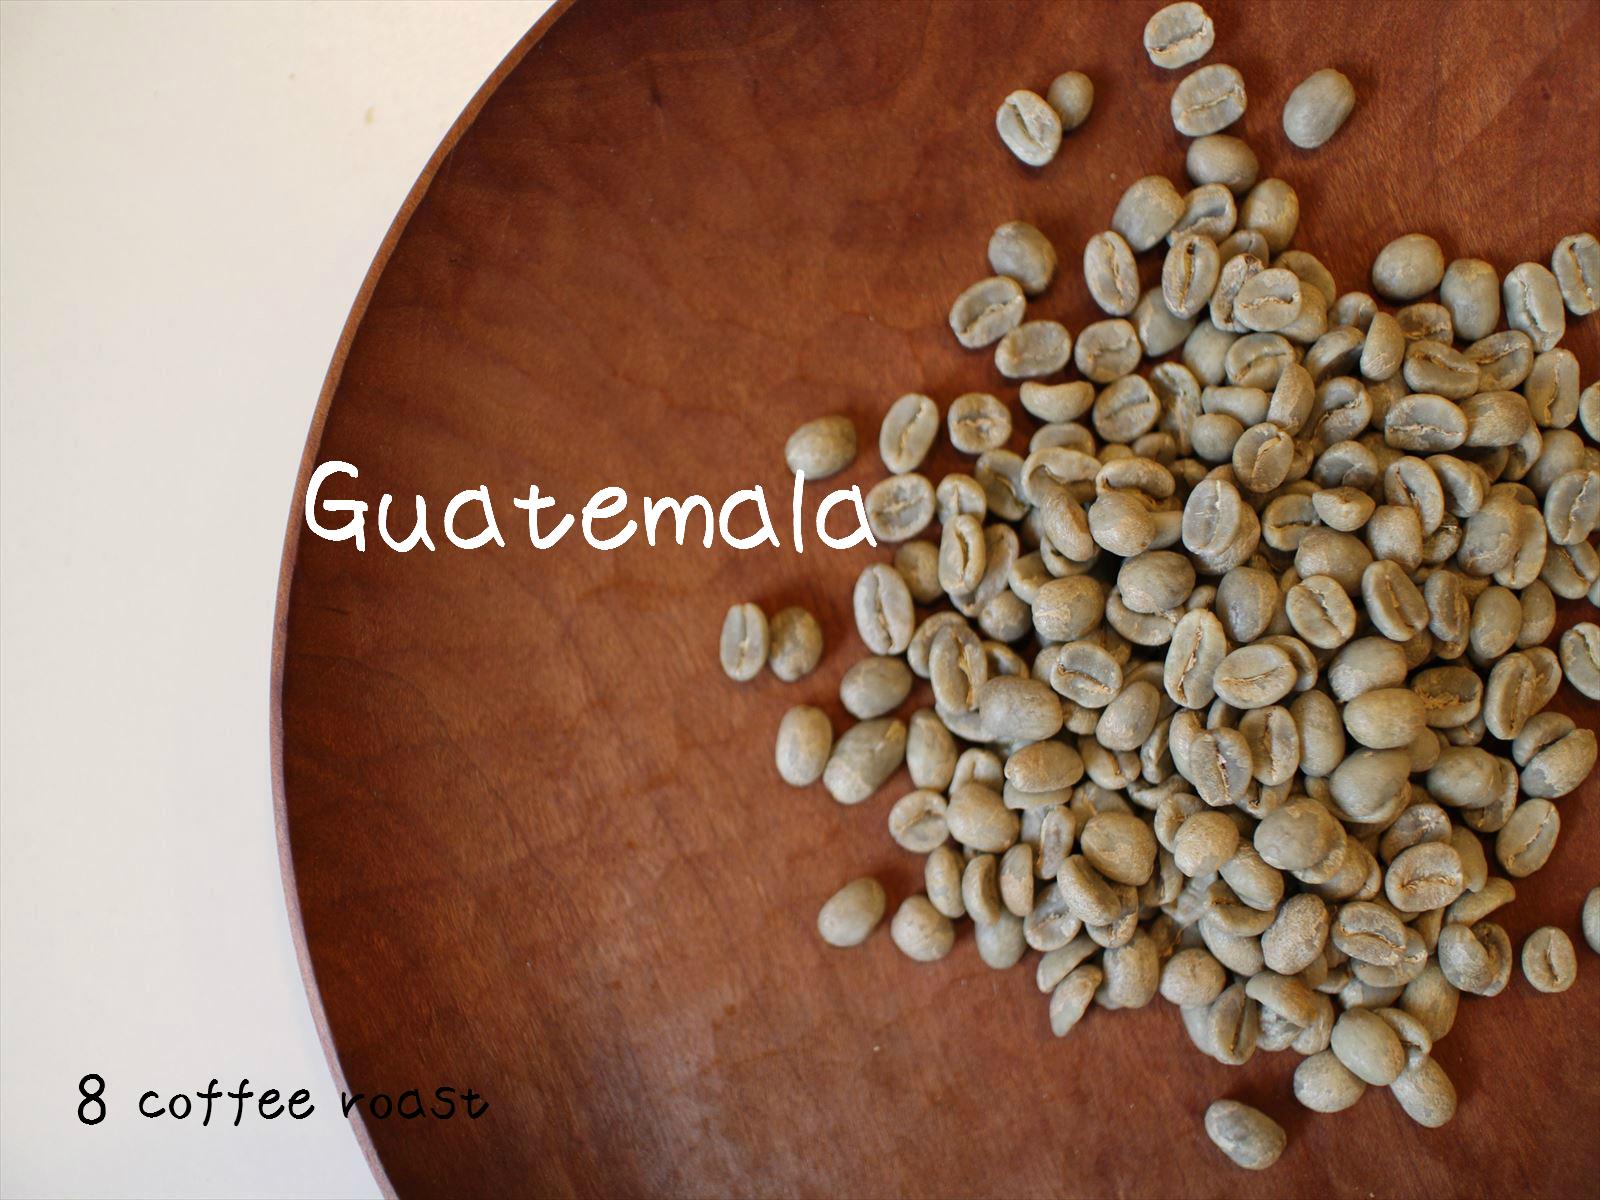 コーヒー生豆 大規模セール グァテマラ SHB 50g 内容量 大人気